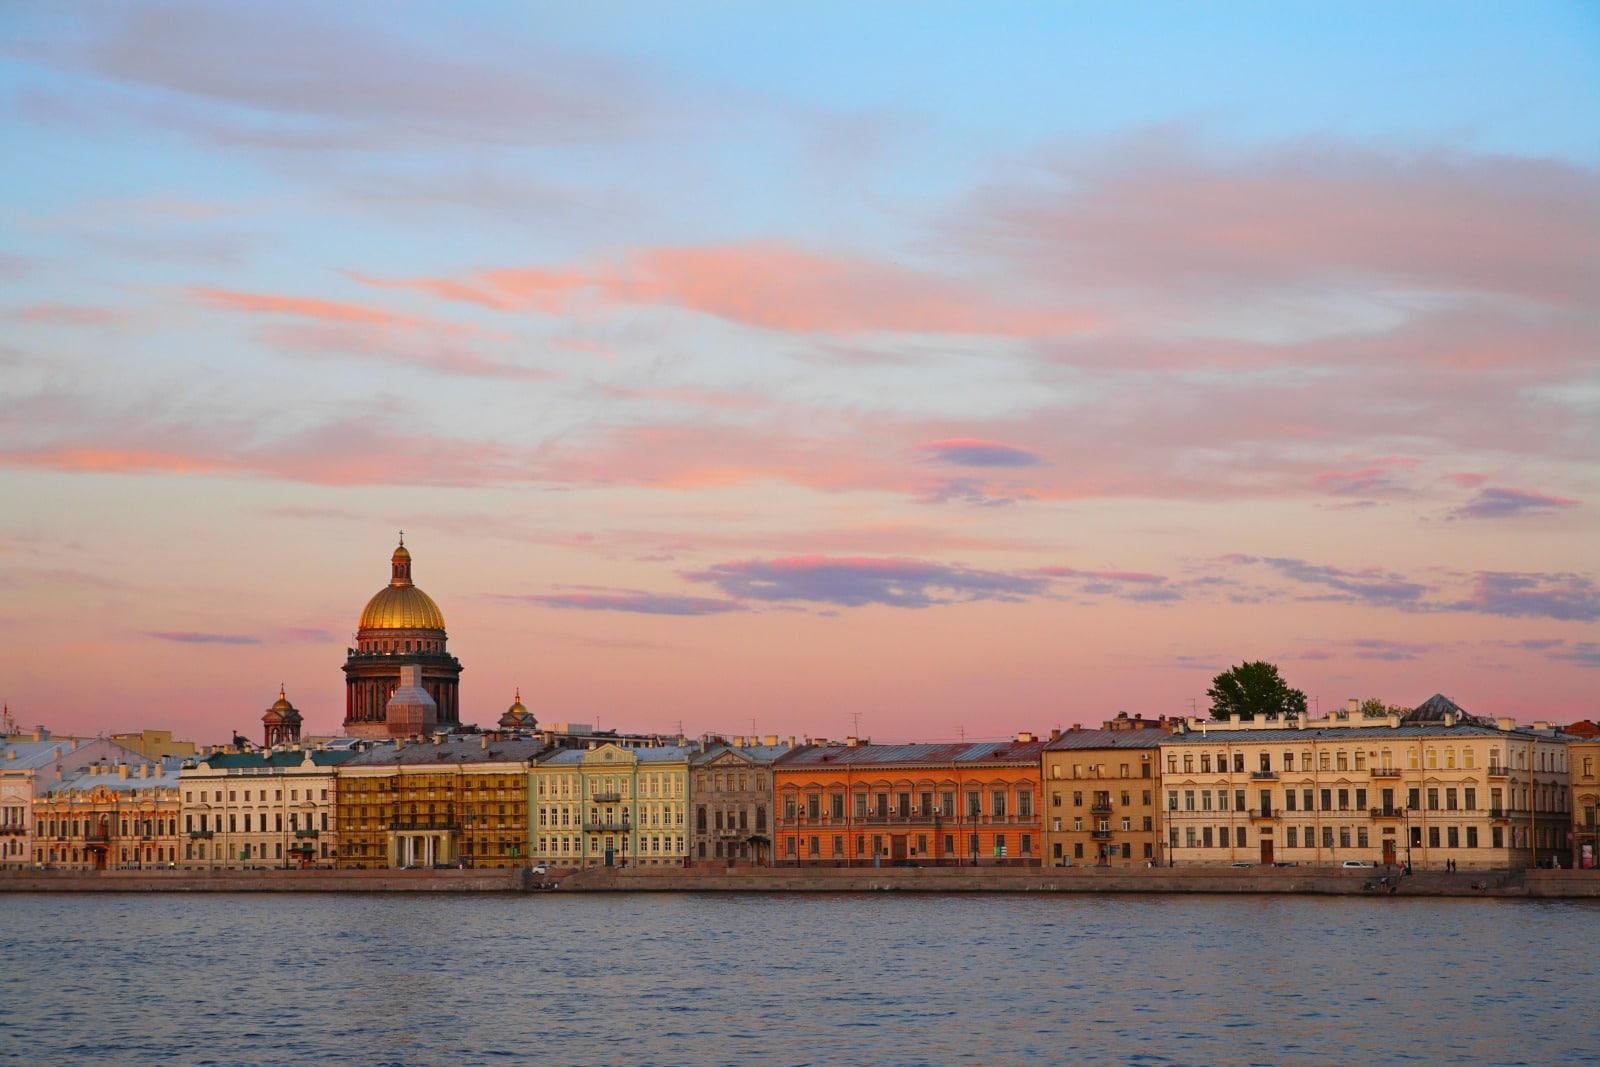 Tourisme : Russie, panorama sur Saint-Pétersbourg et la cathédrale Saint-Isaac depuis les rives de la Neva au coucher du soleil